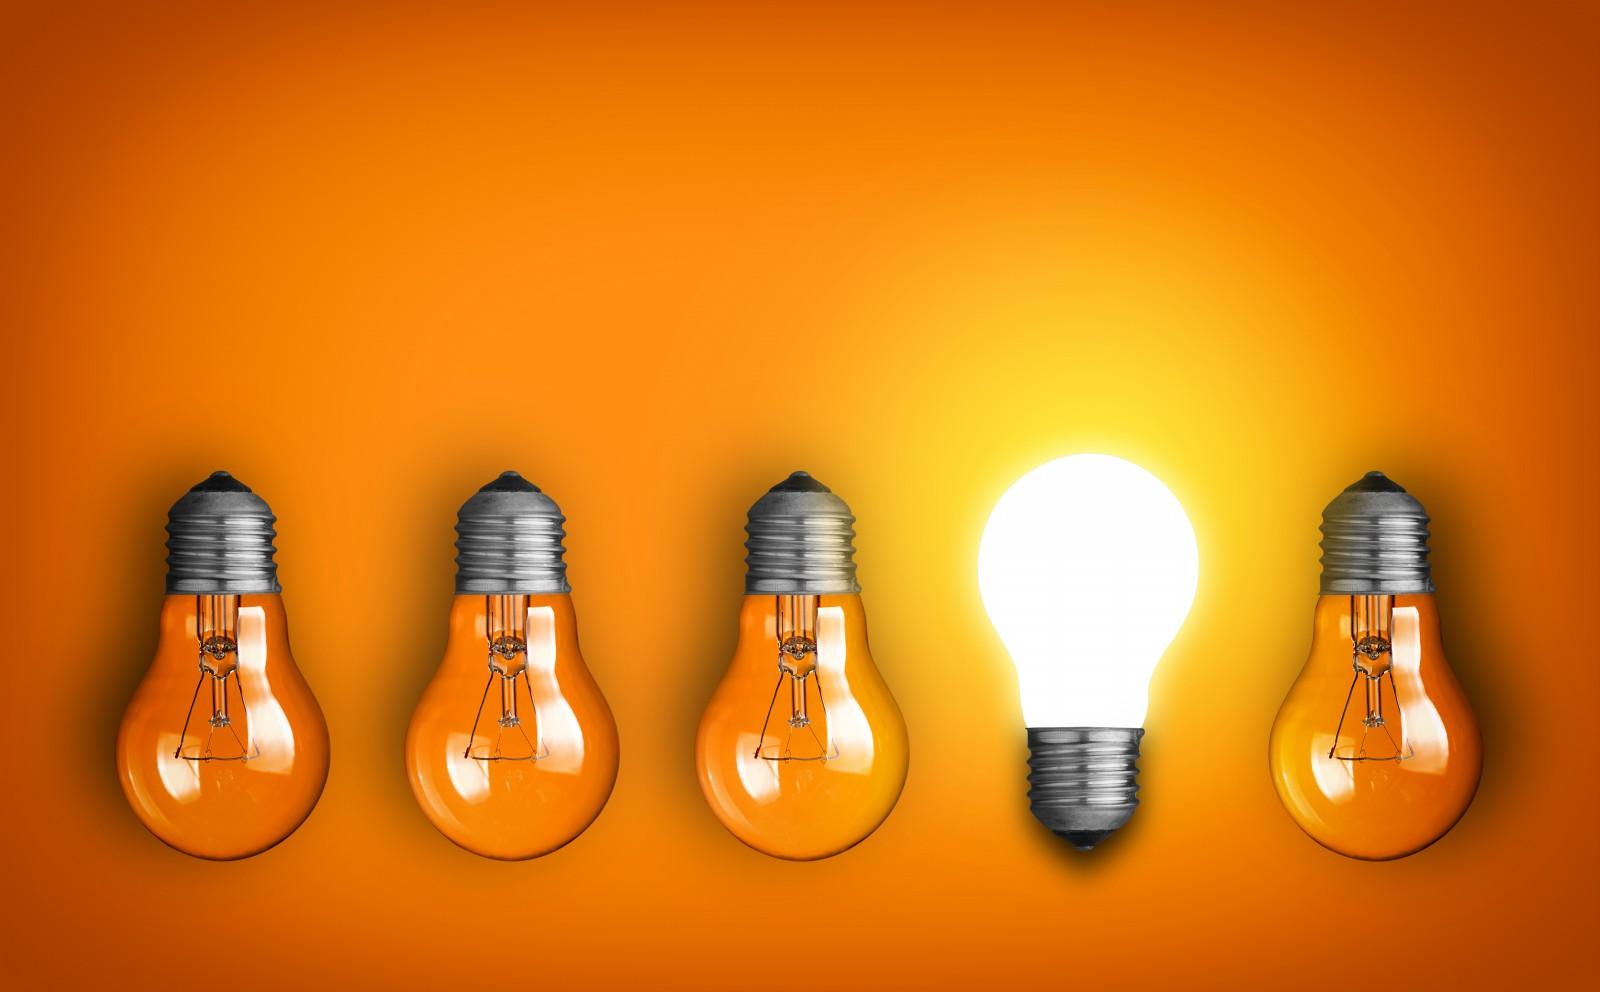 ایده های من - Mohsen Elhamian - سایت شخصی محسن الهامیان